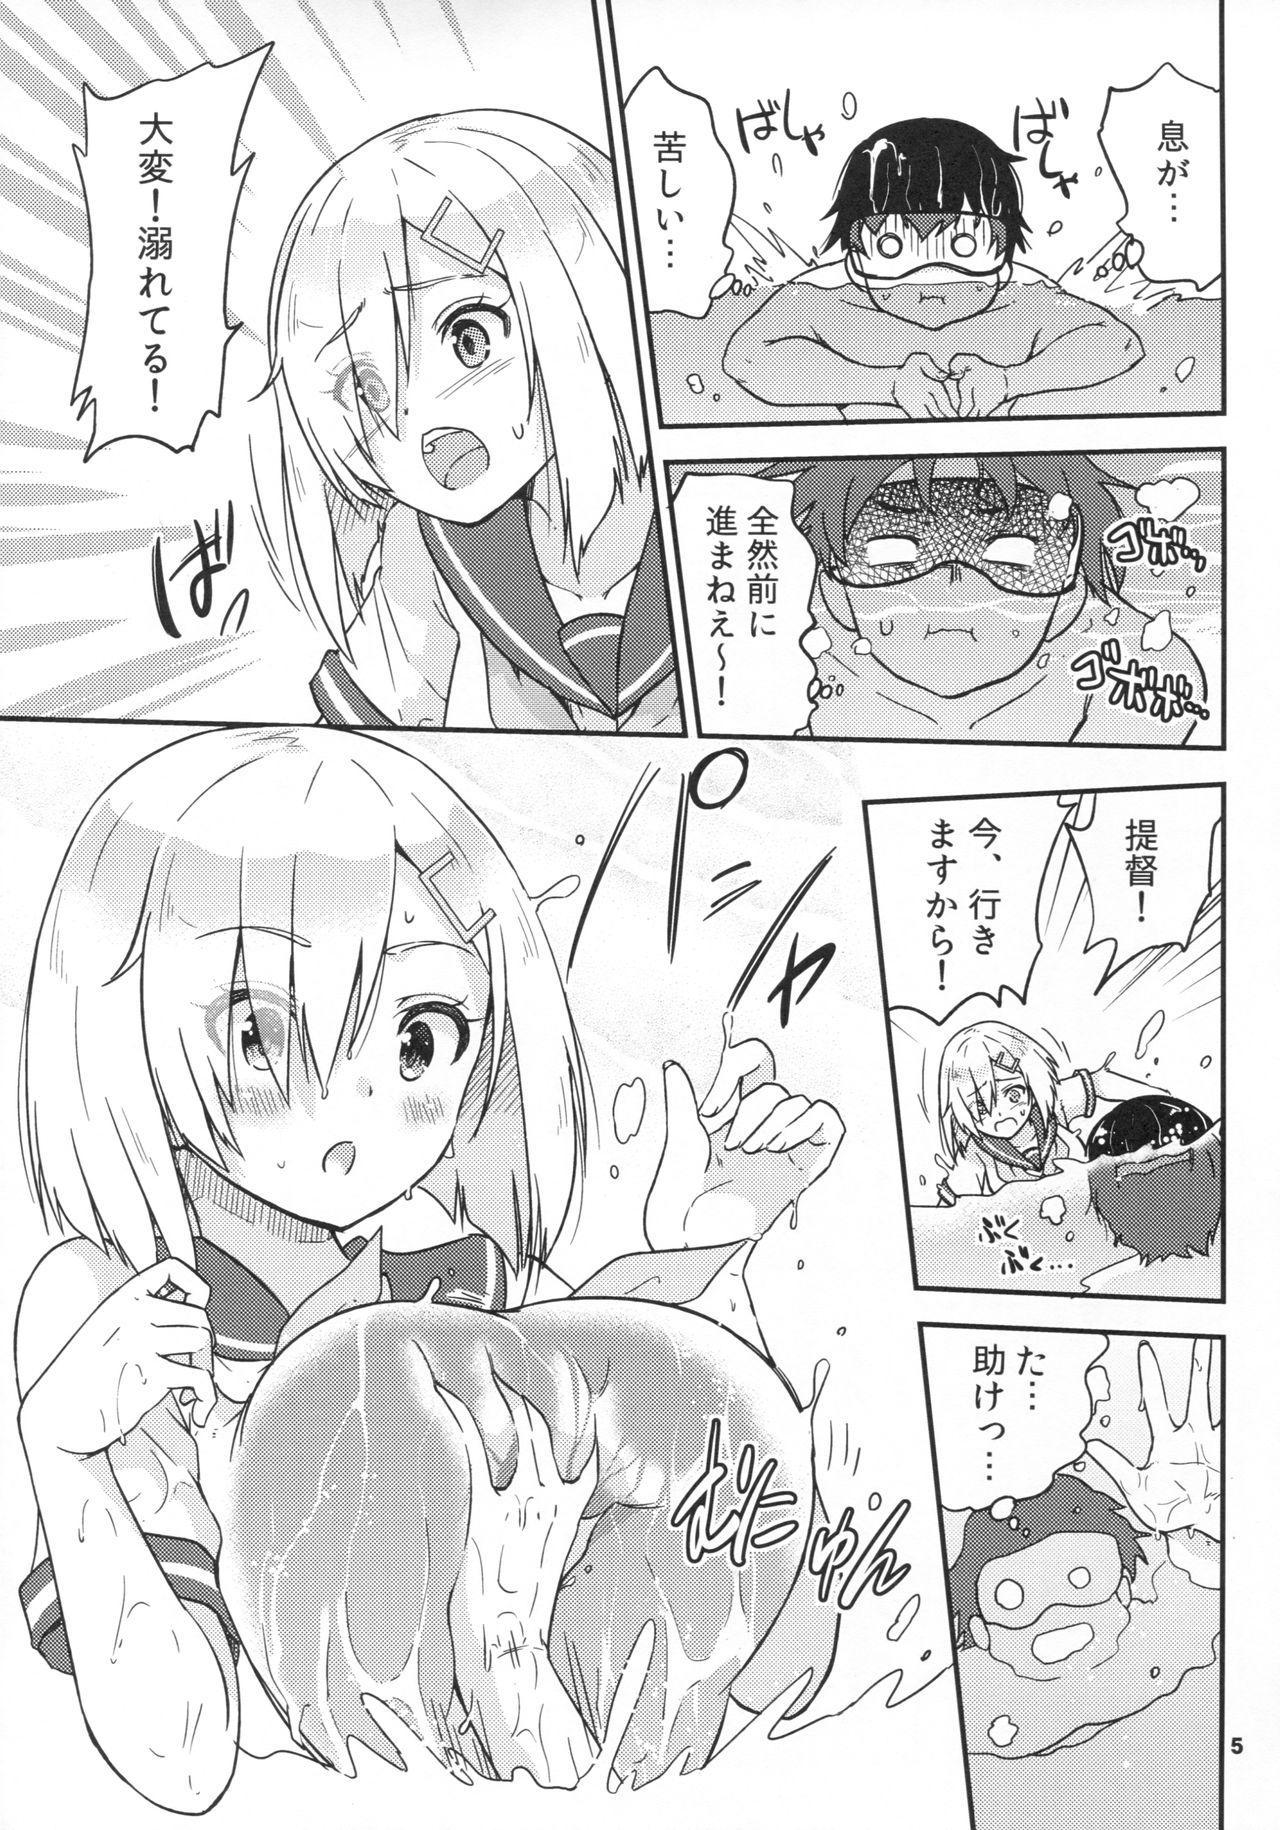 Hamakaze mo! Urakaze mo! Shimin Pool 3P Kouryakusen 5